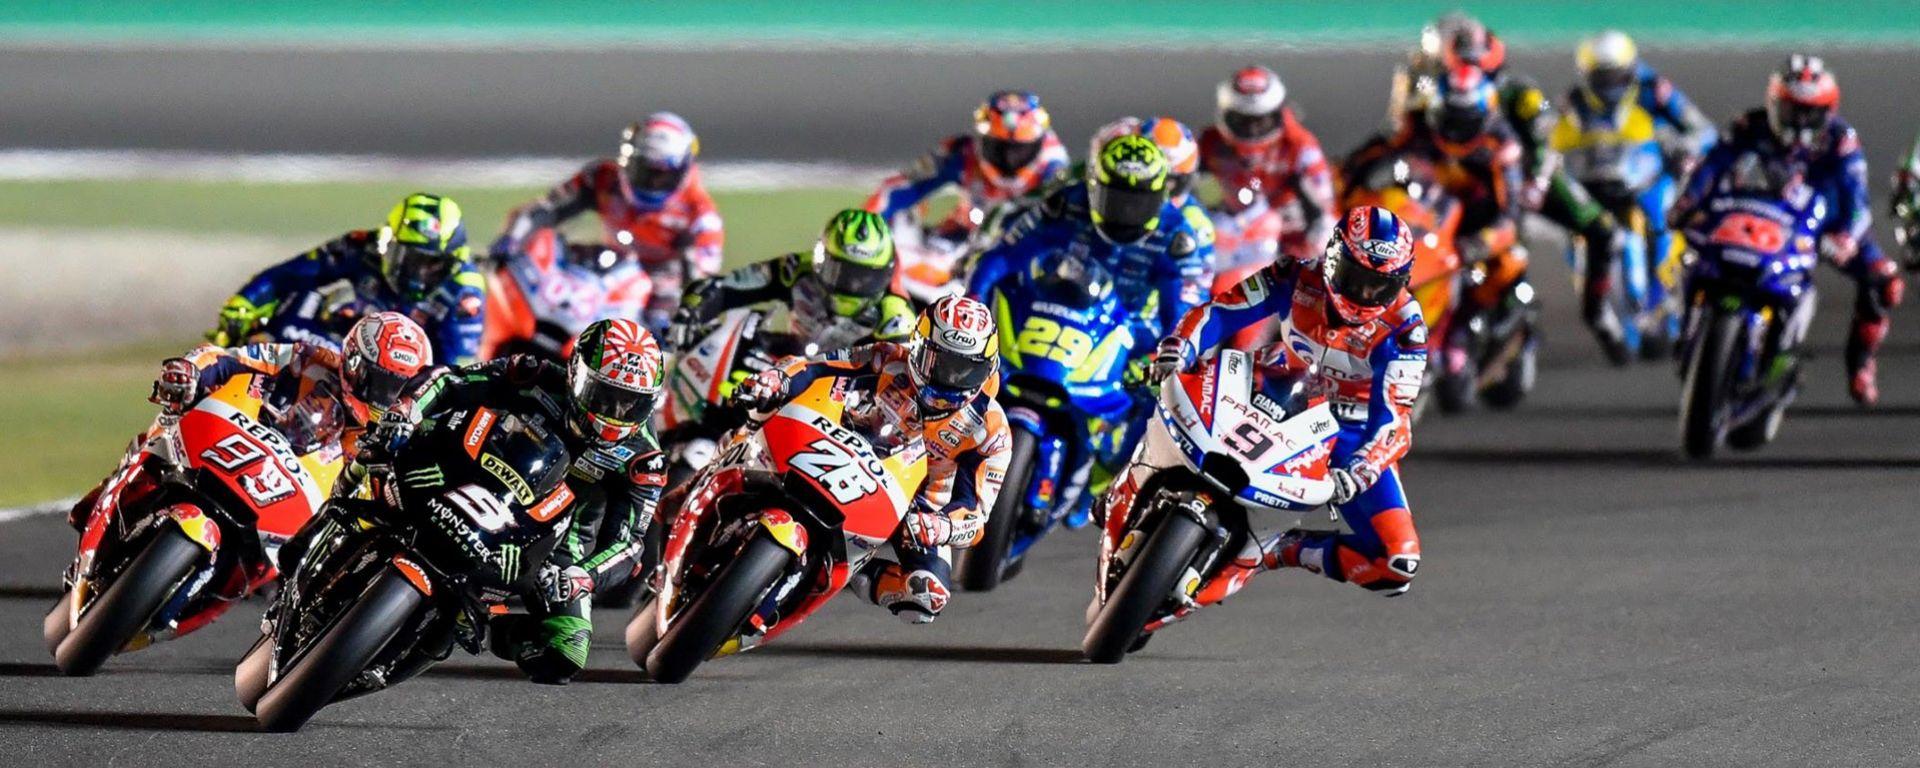 MotoGP, diramato il calendario provvisorio del Motomondiale 2019